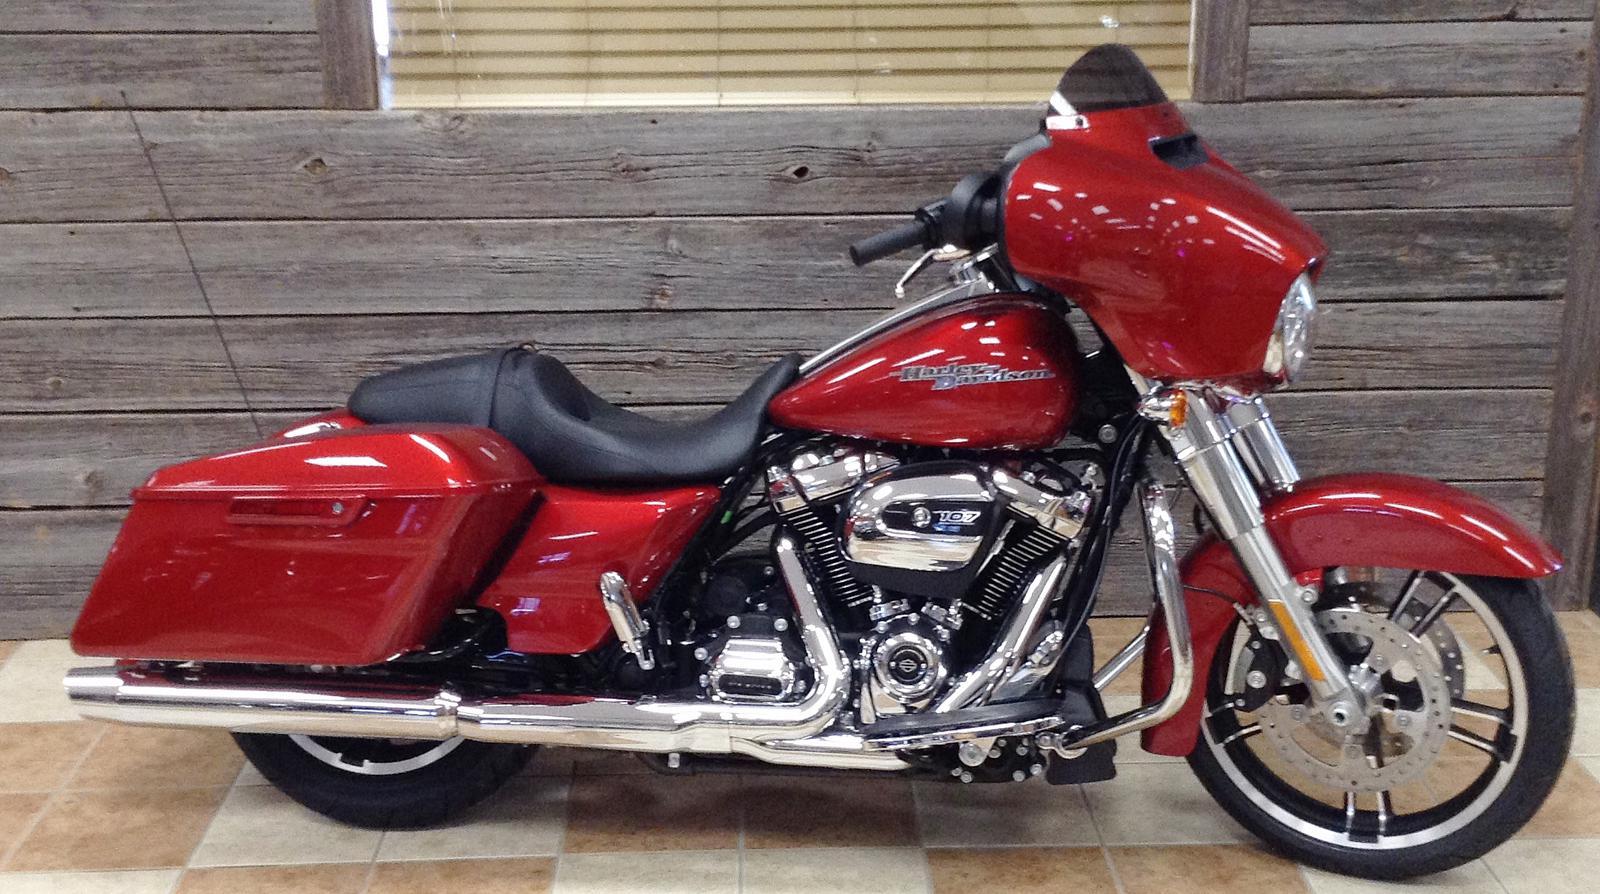 2019 Harley-Davidson® Street Glide® - Color Option for sale